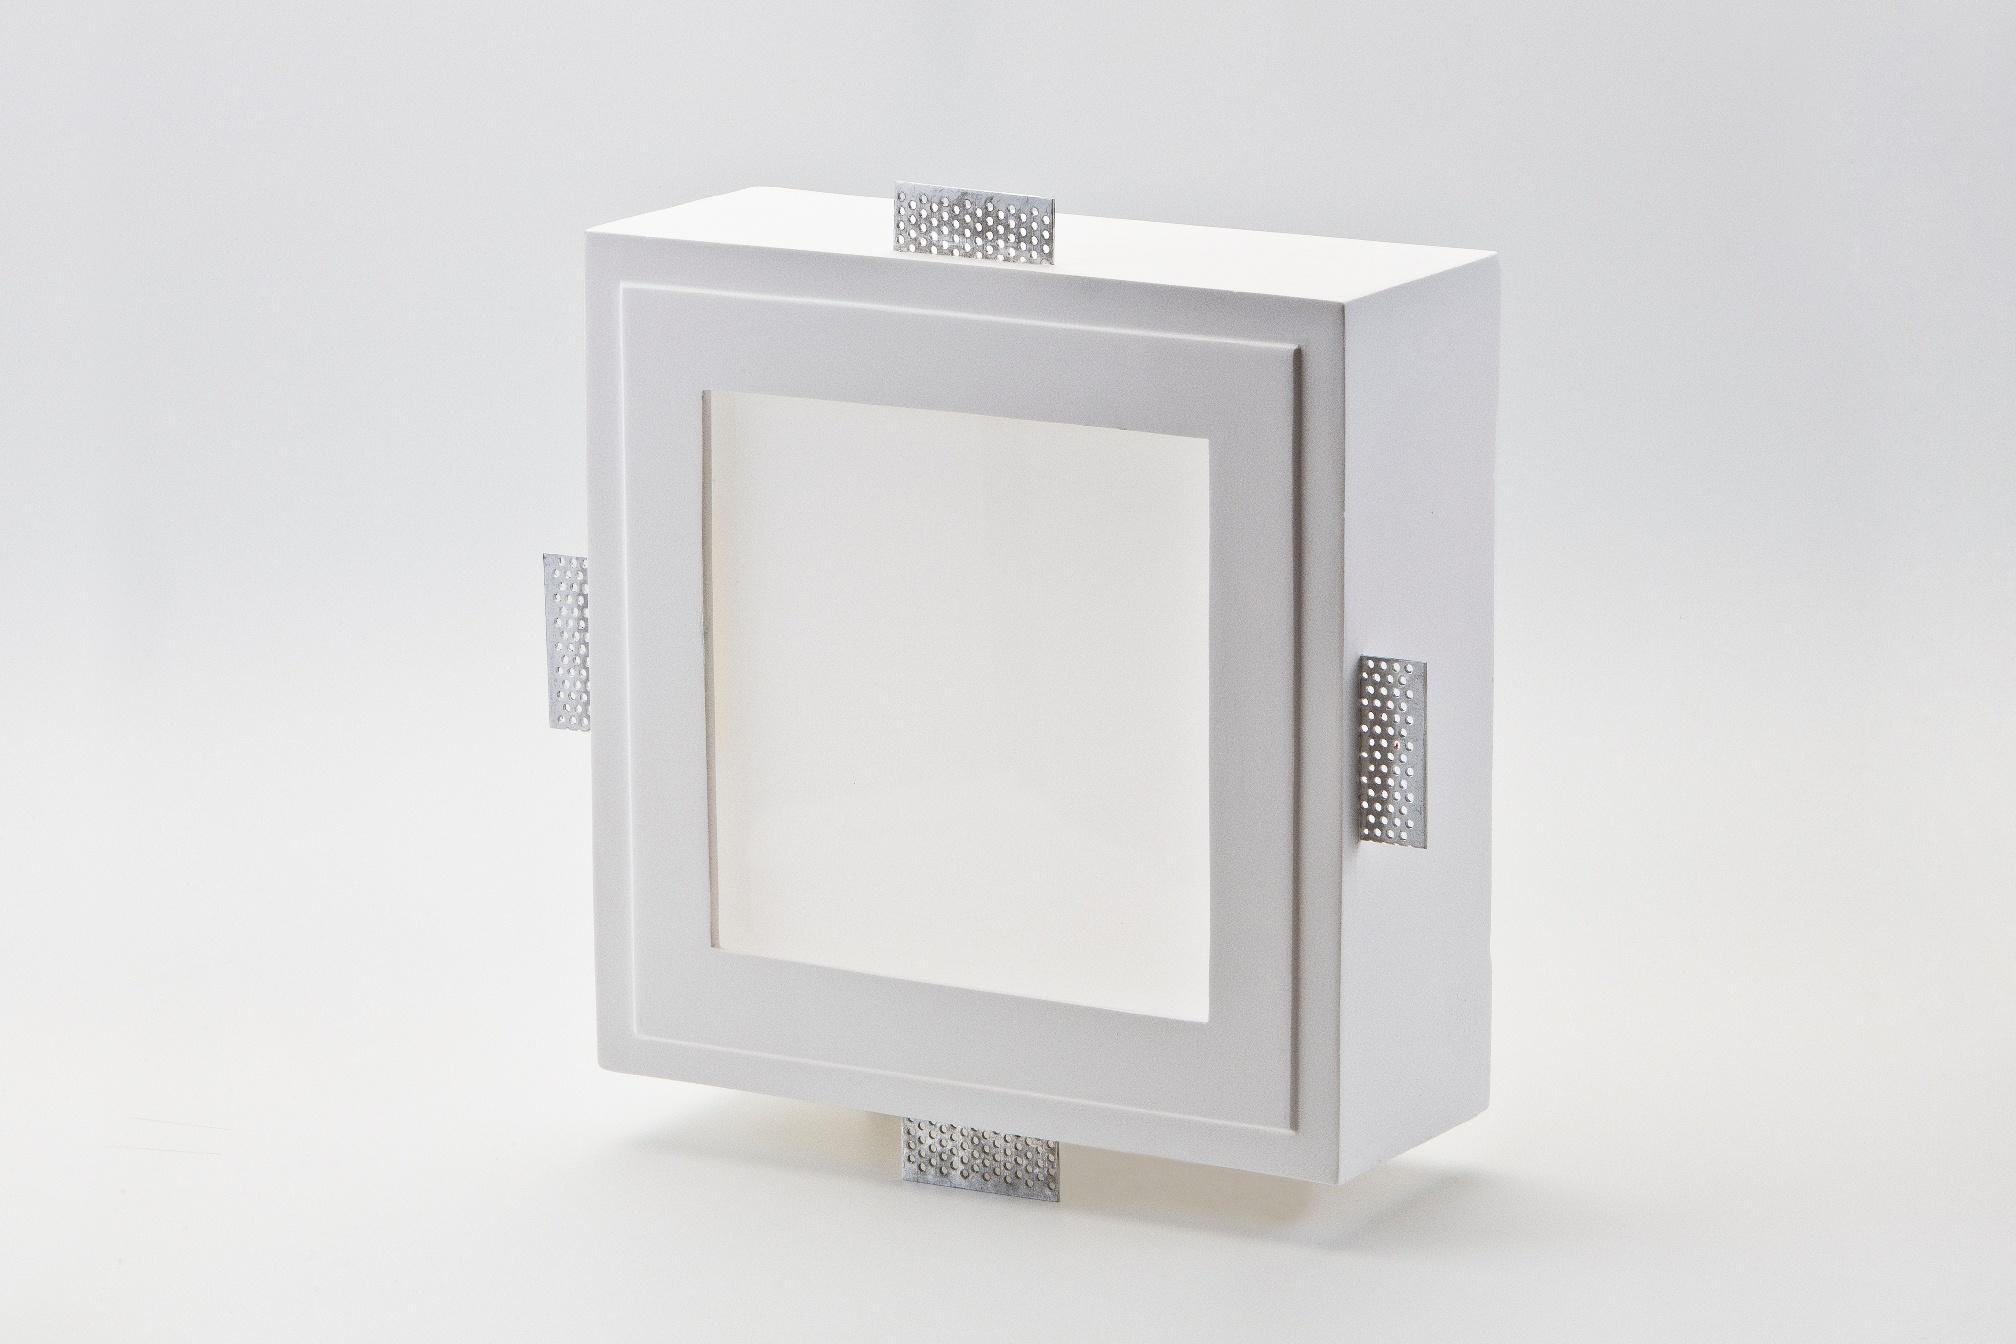 einbaulampe aus gips 810 von isy luce einbaustrahler innenleuchten platinlux der online. Black Bedroom Furniture Sets. Home Design Ideas